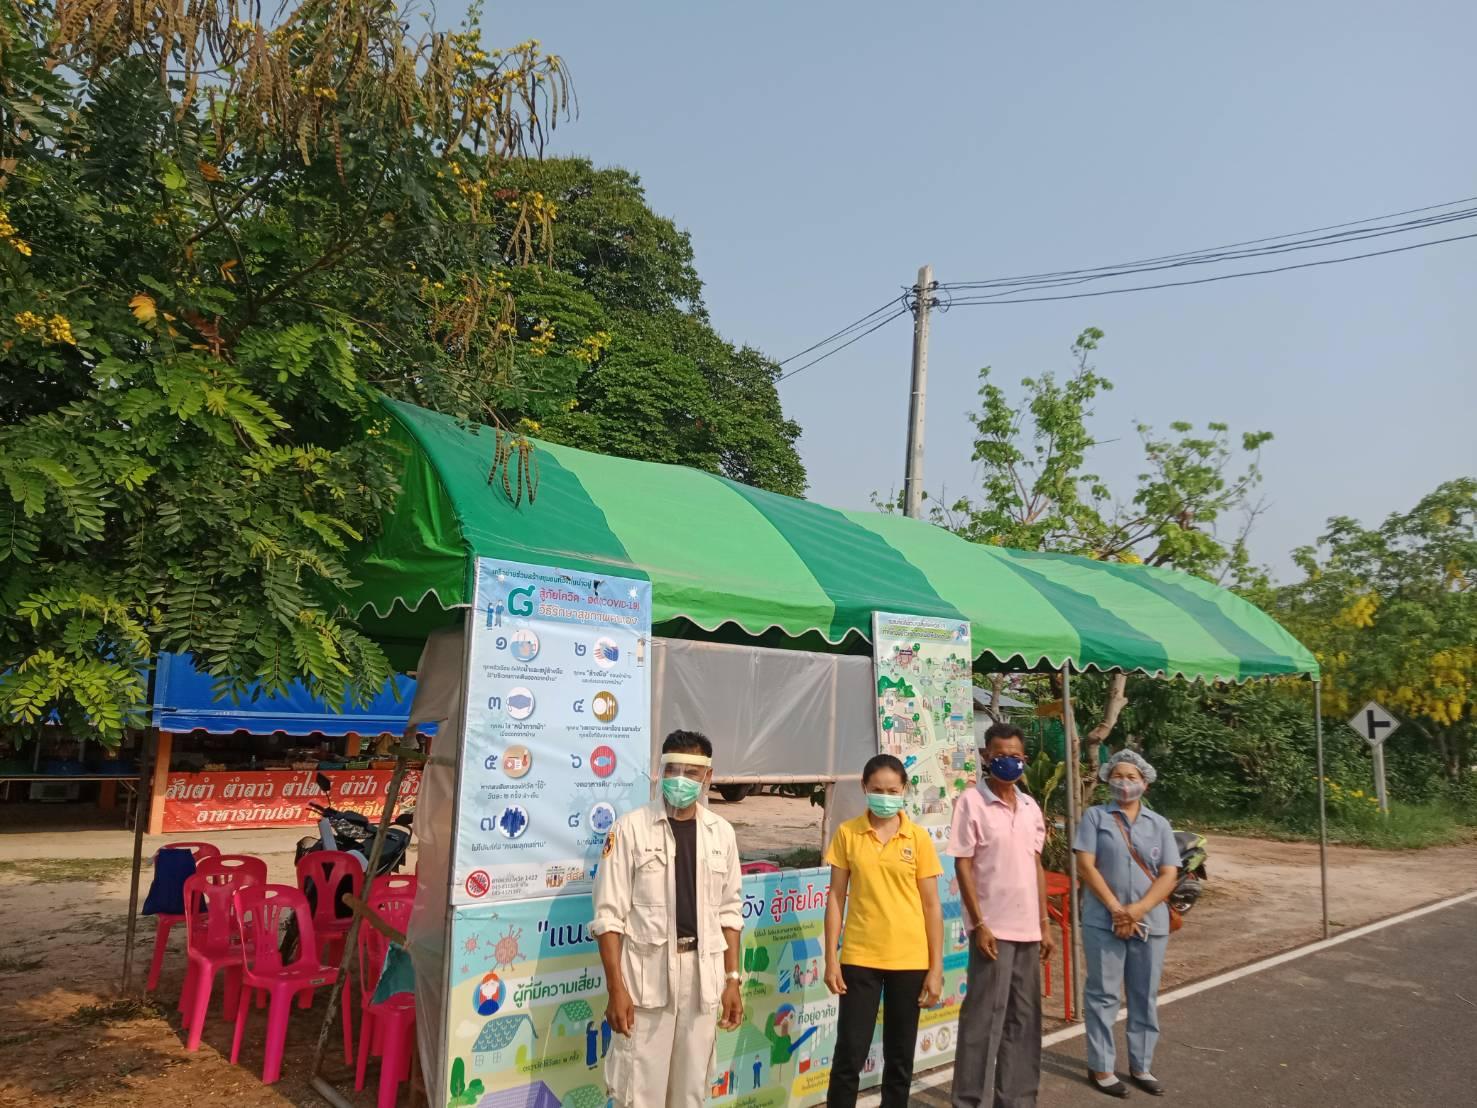 วันแรกของการตั้งจุดตรวจคัดกรอง โรคโควิดตามมาตรการป้องกัน และเฝ้าระวังโรคโควิด-19 วันที่ 6 เม.ย. 2563 บ้านป่าเพิ่ม หมู่ 11